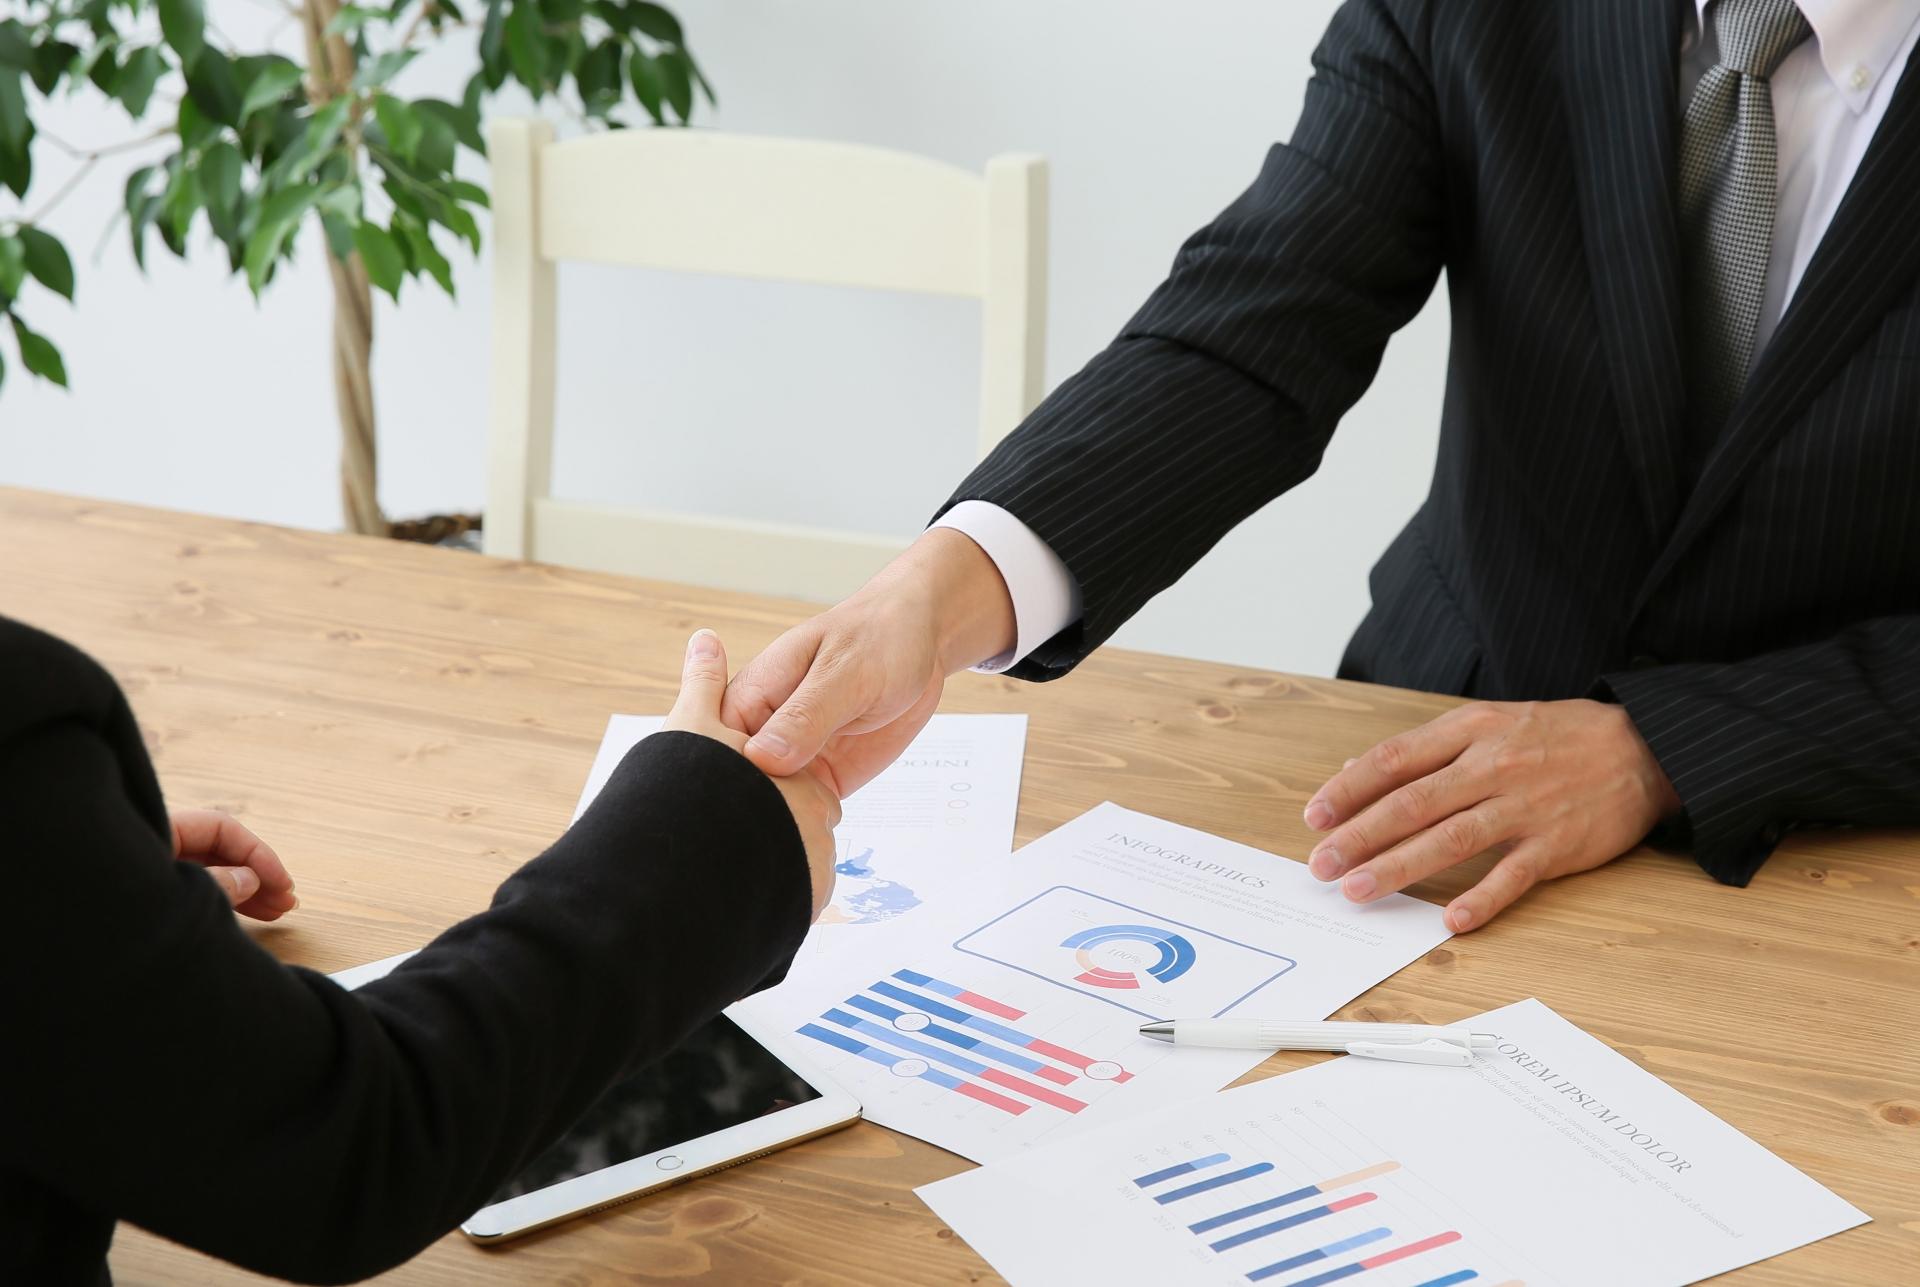 創業融資面談